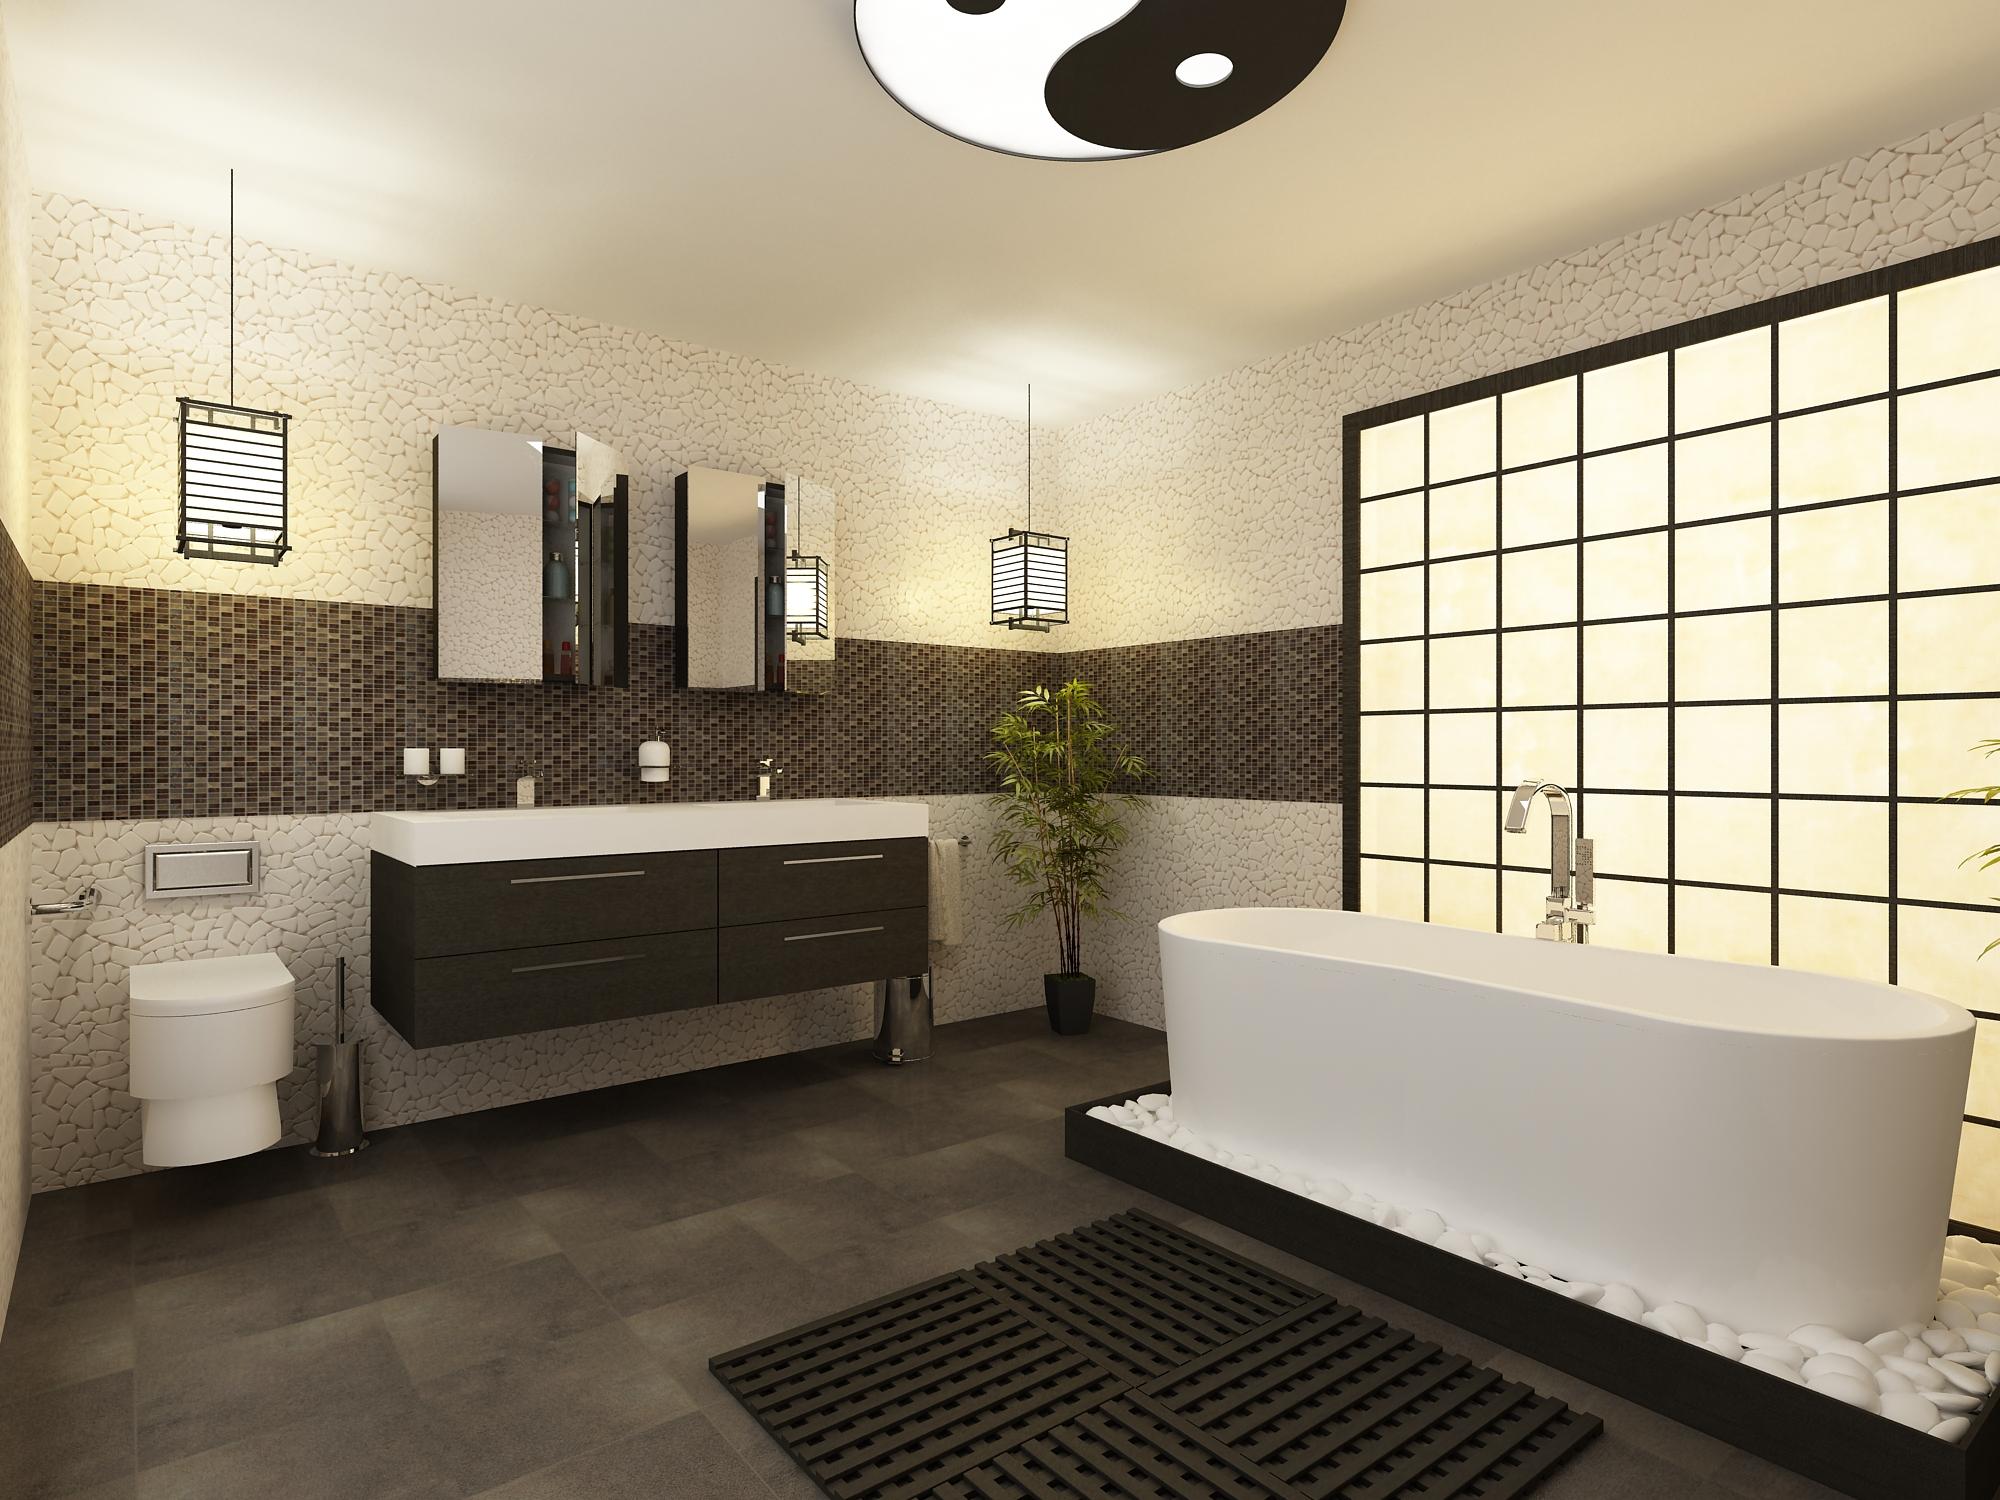 Amenagement de salle de bain - image de bainetspa.fr